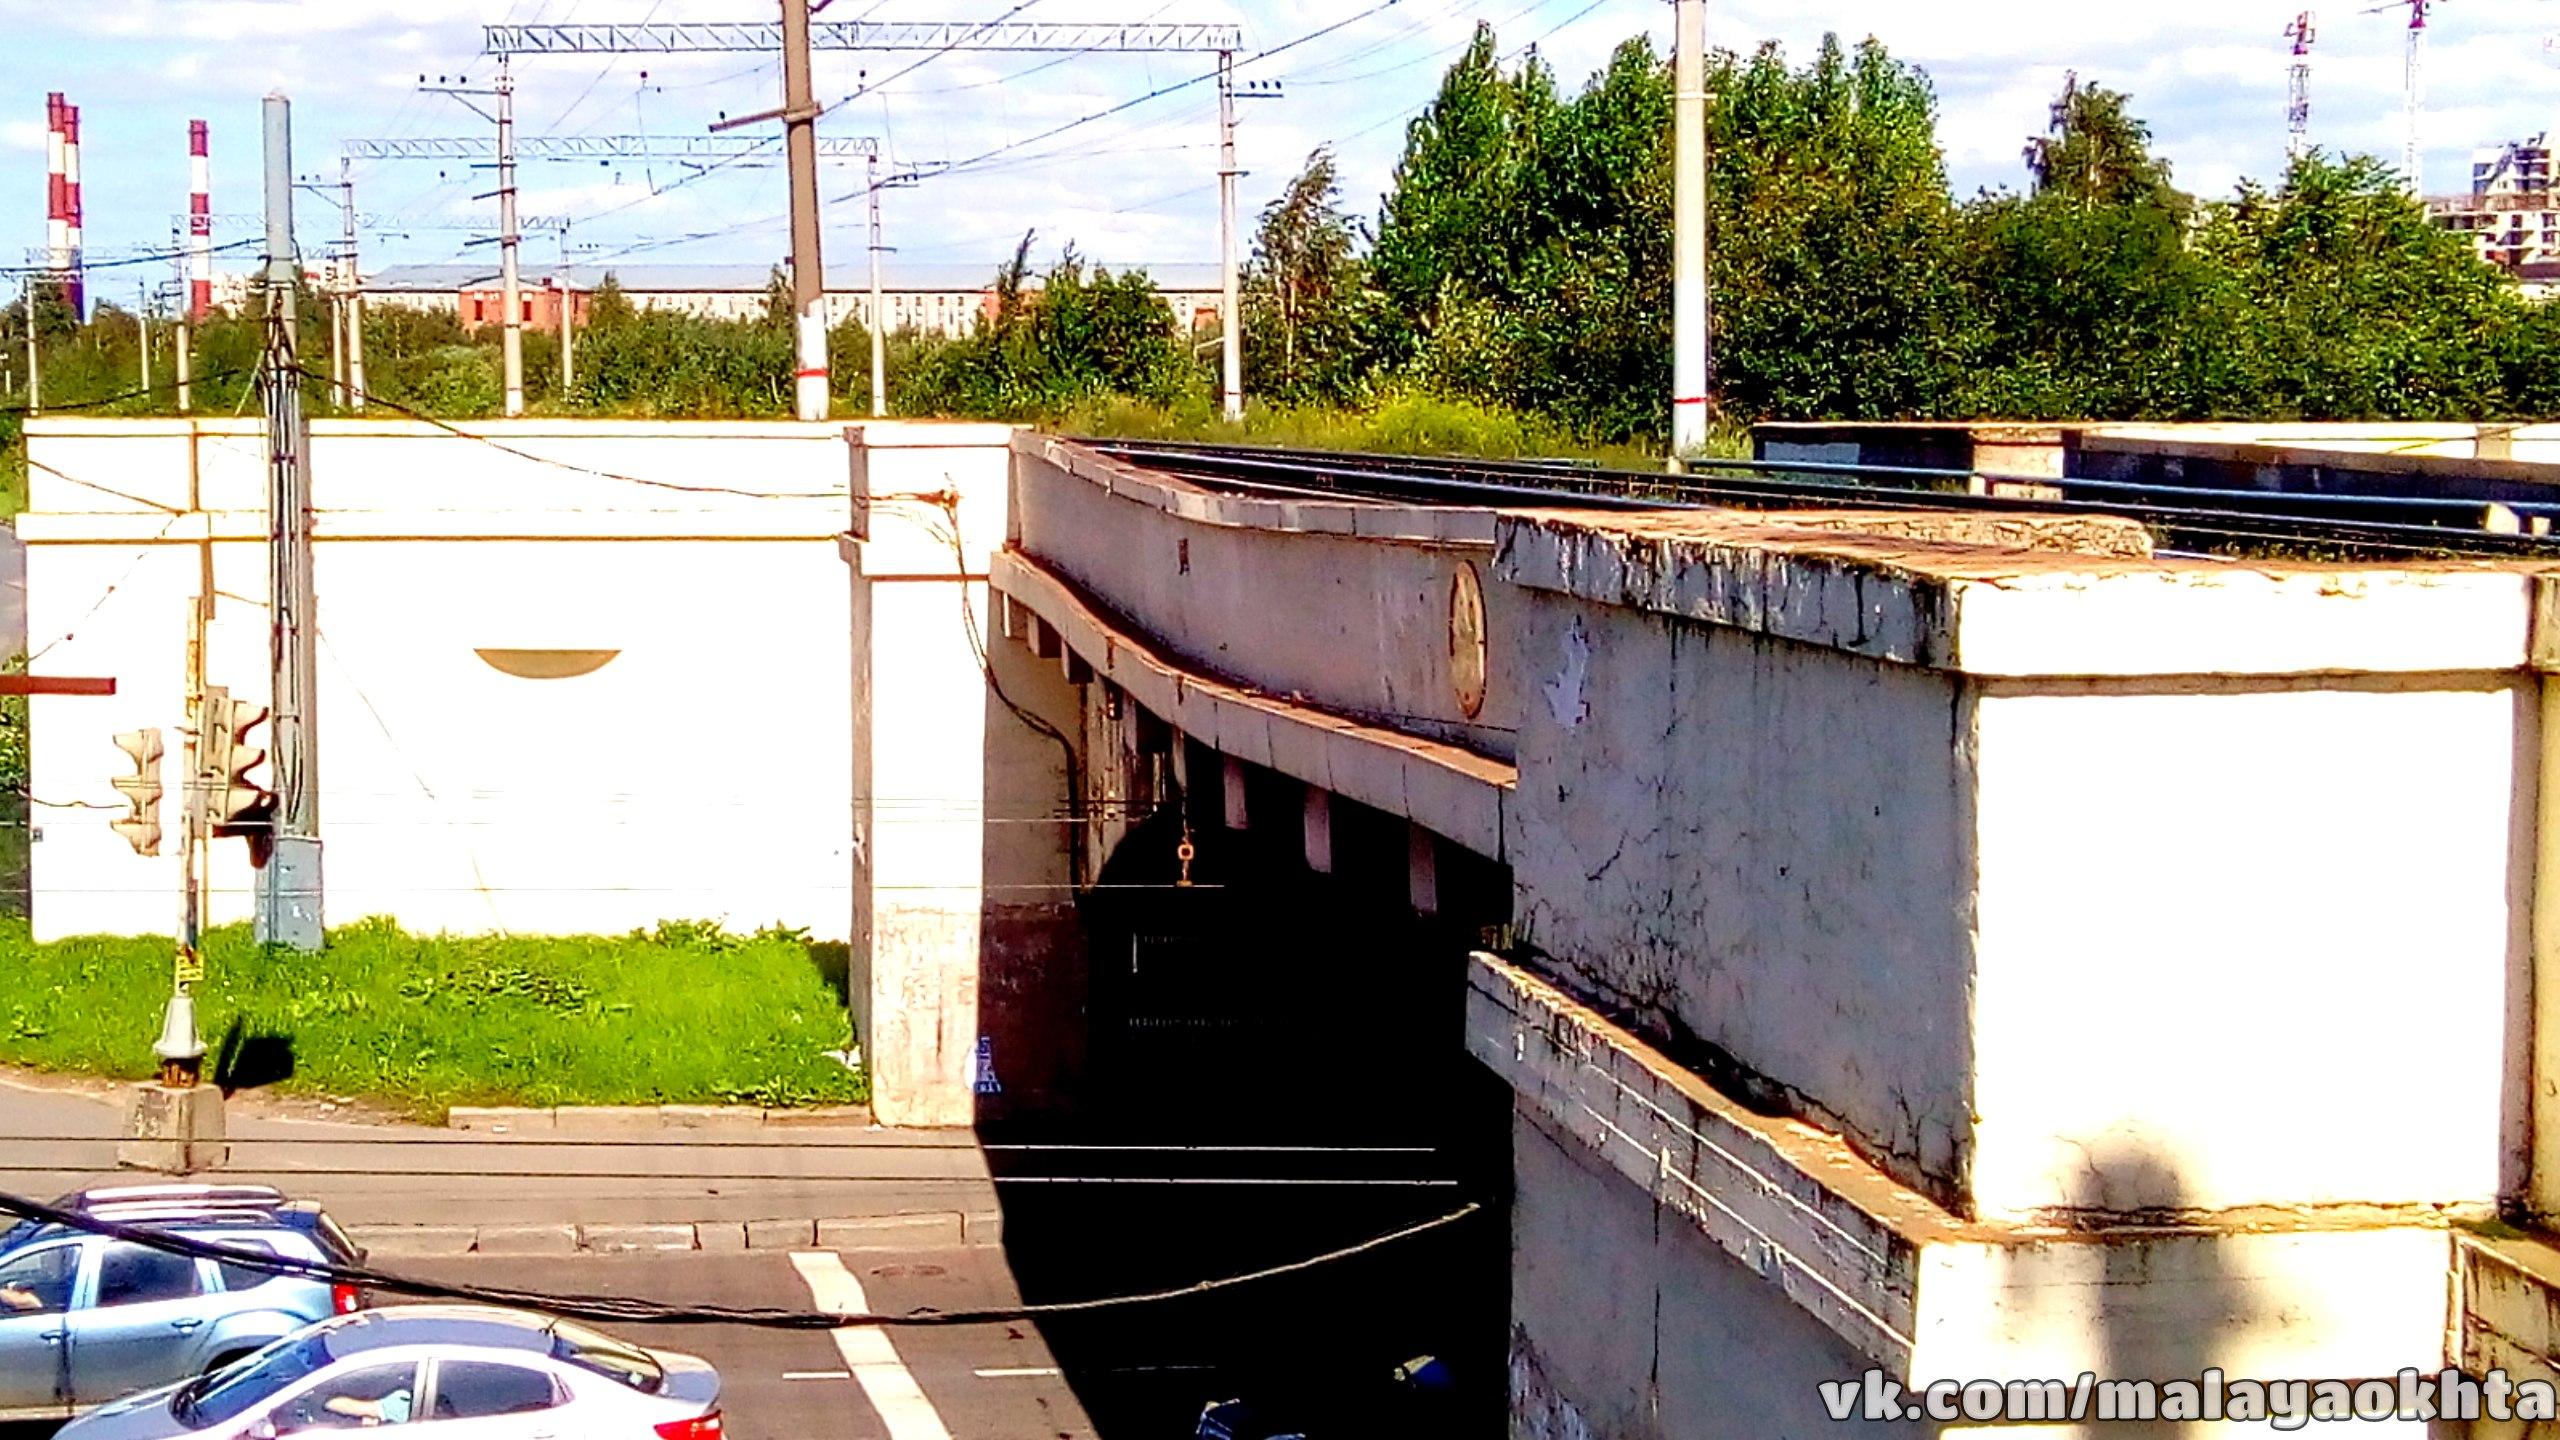 Ж/д путепровод над Новочеркасским проспектом. Источник: https://vk.com/malayaokhta